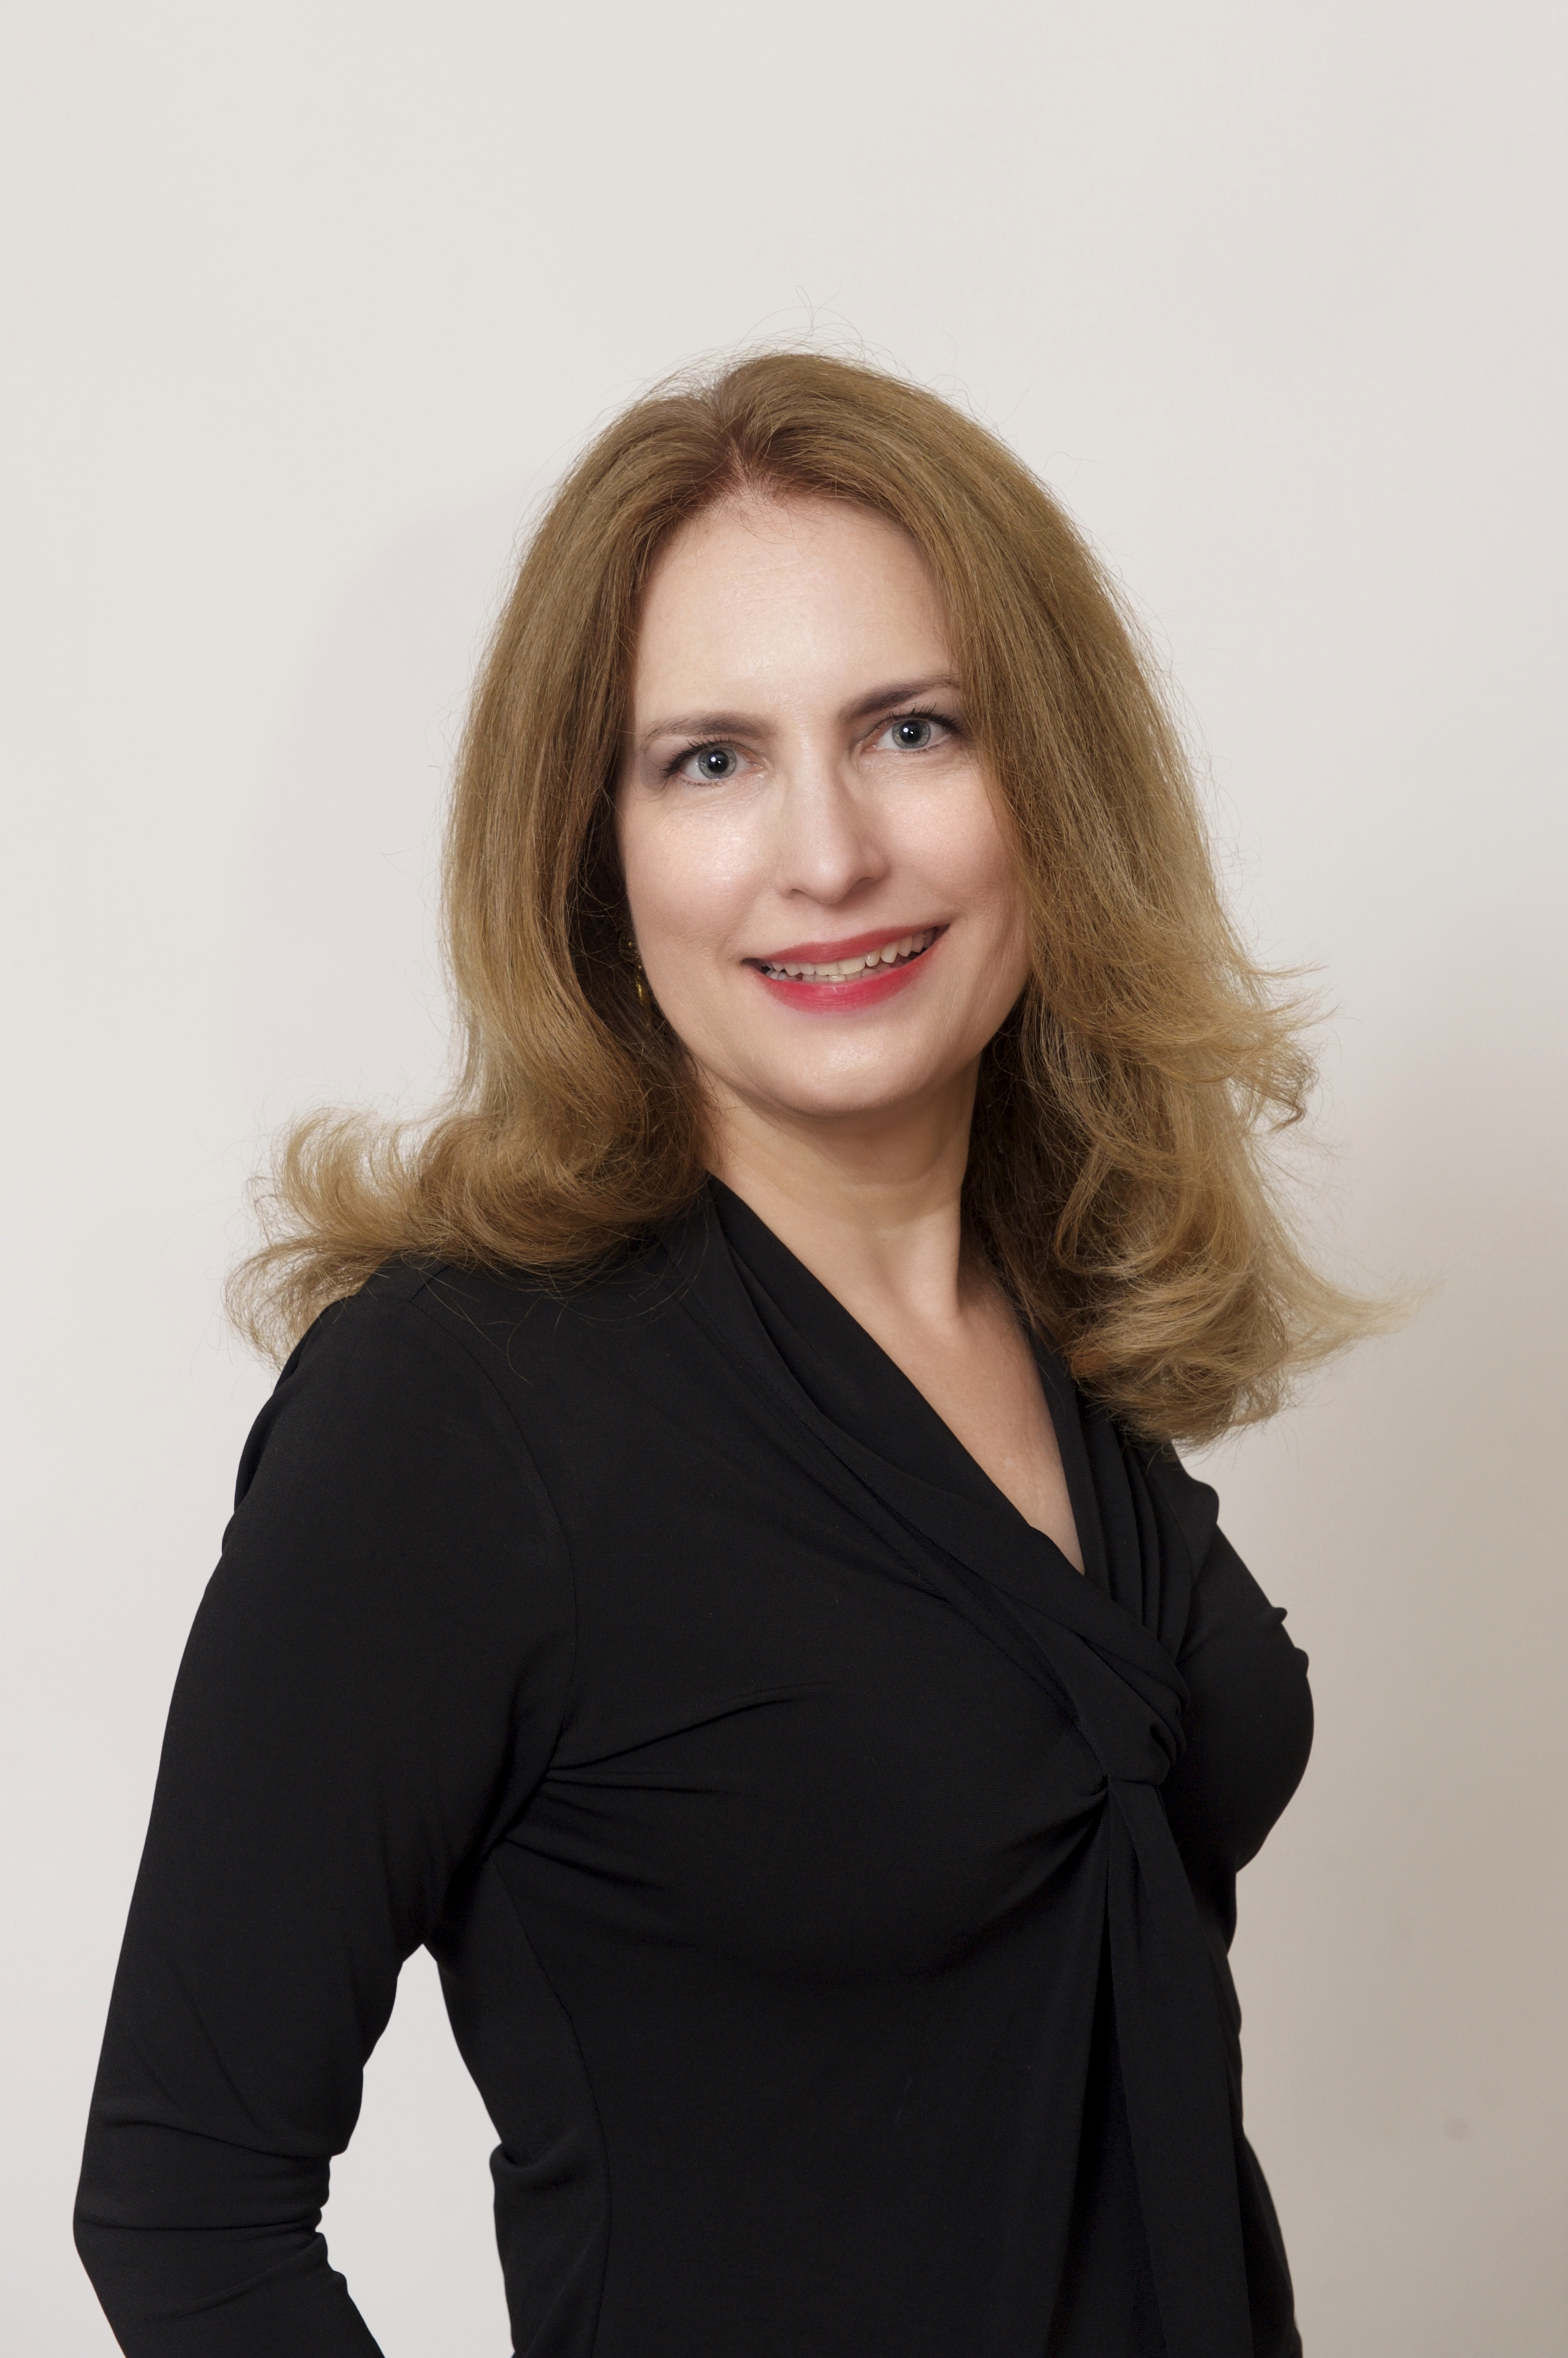 Cherie Bixler